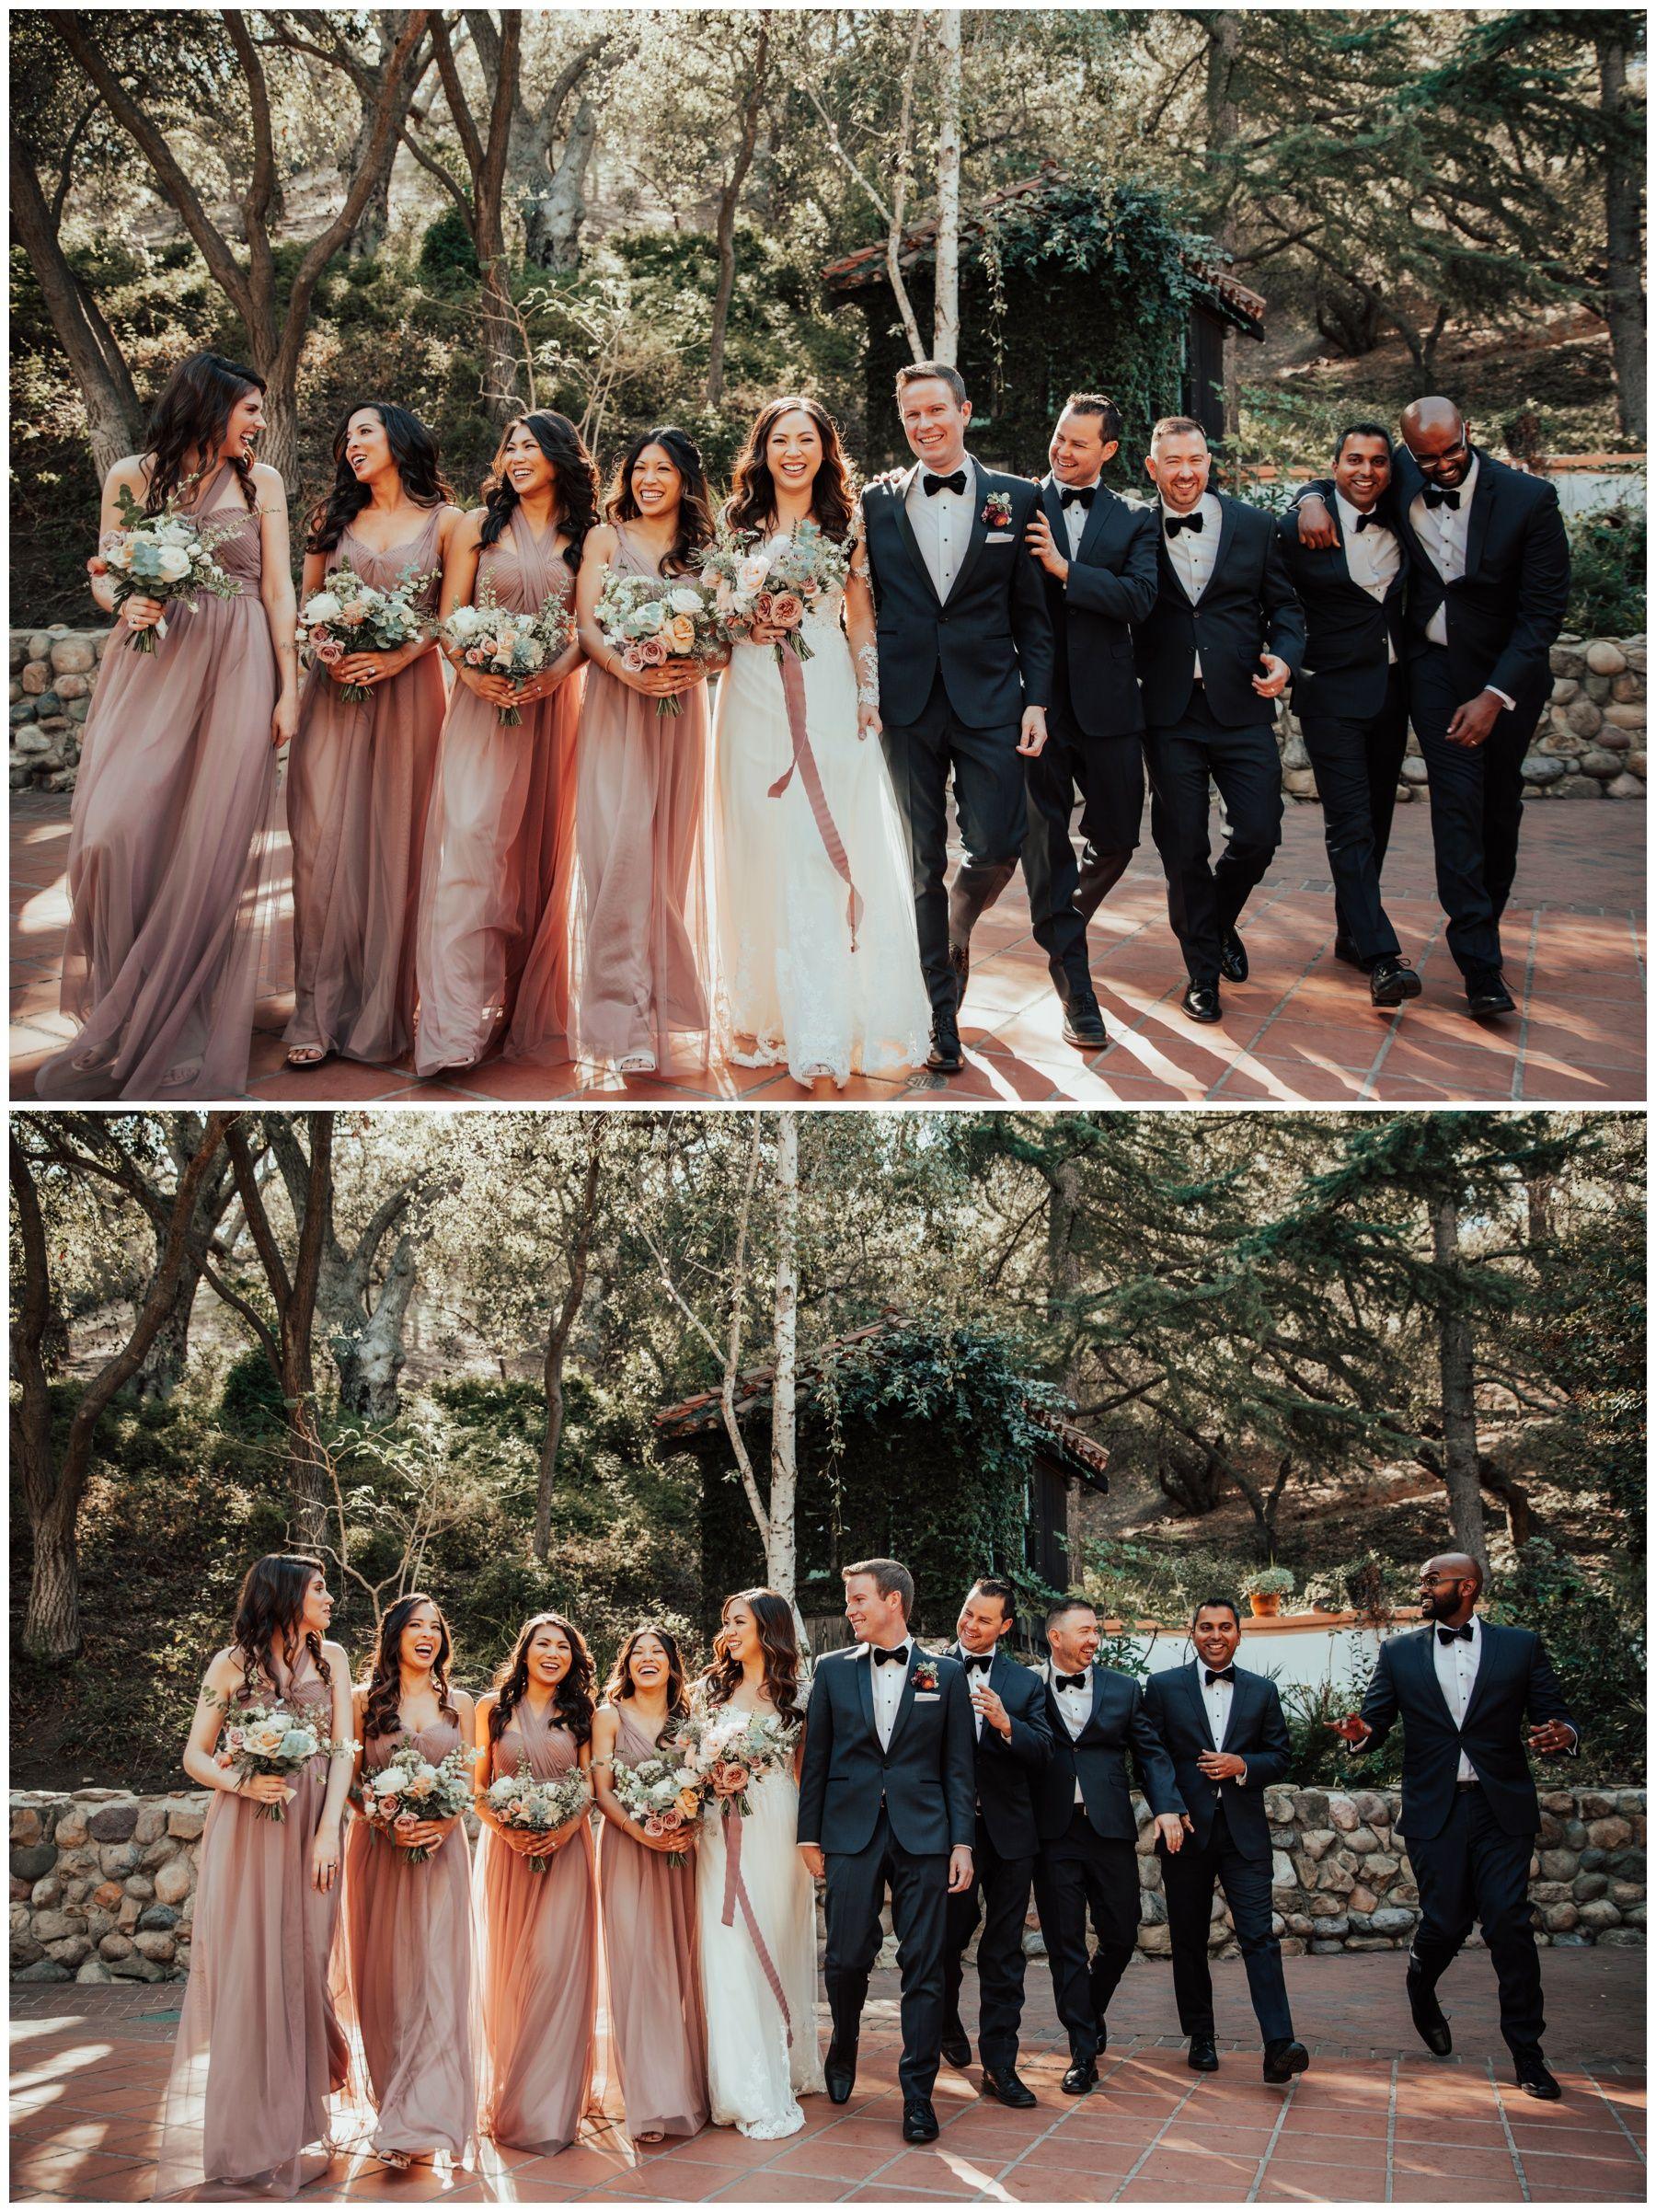 Rose Gold Blue Bridal Party Blue Suit Wedding Party Bridal Party Groomsmen Bridal Party Attire [ 2404 x 1800 Pixel ]